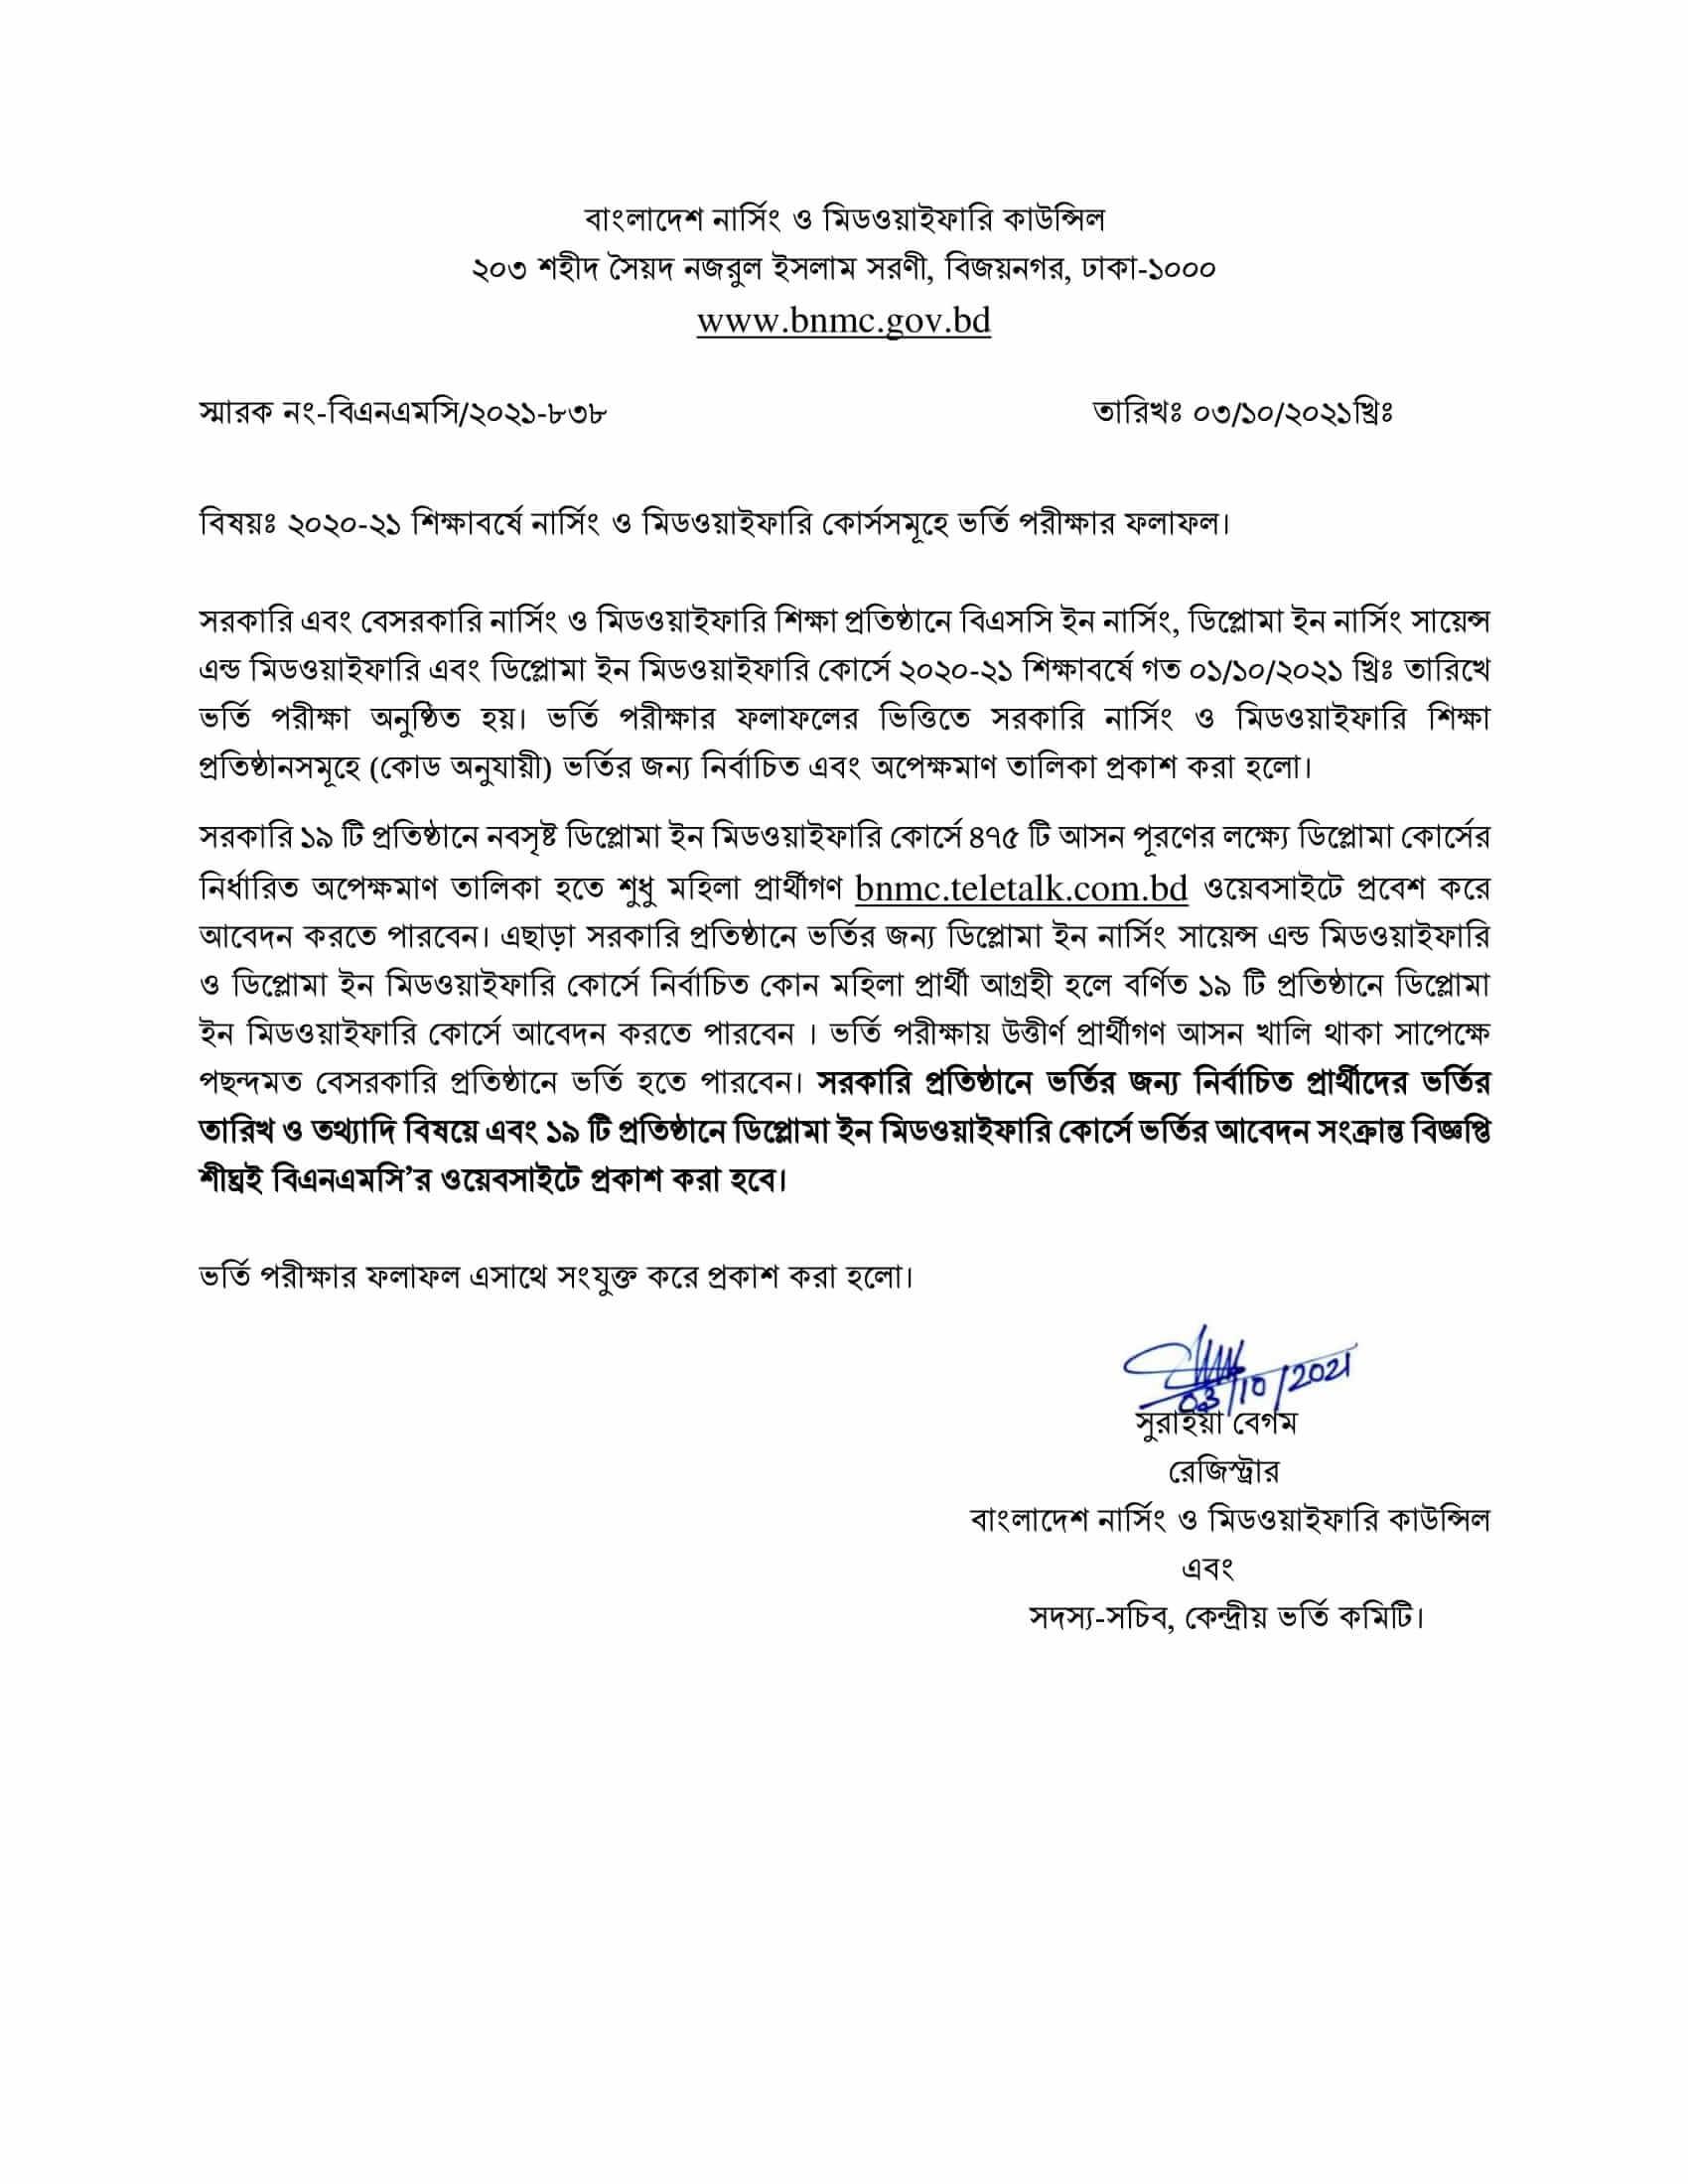 BNMC Result 2021 Published Gov BD